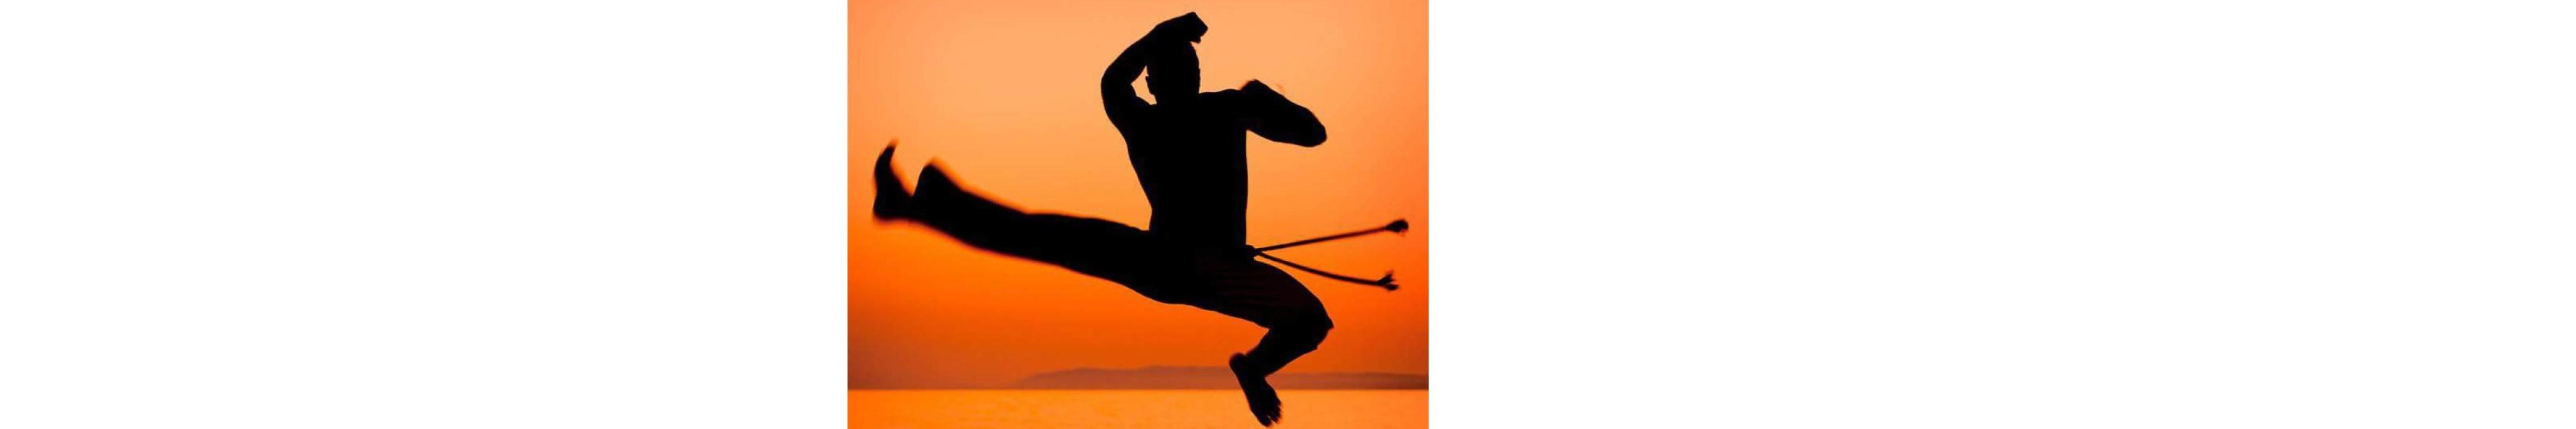 Capoeira Marbella